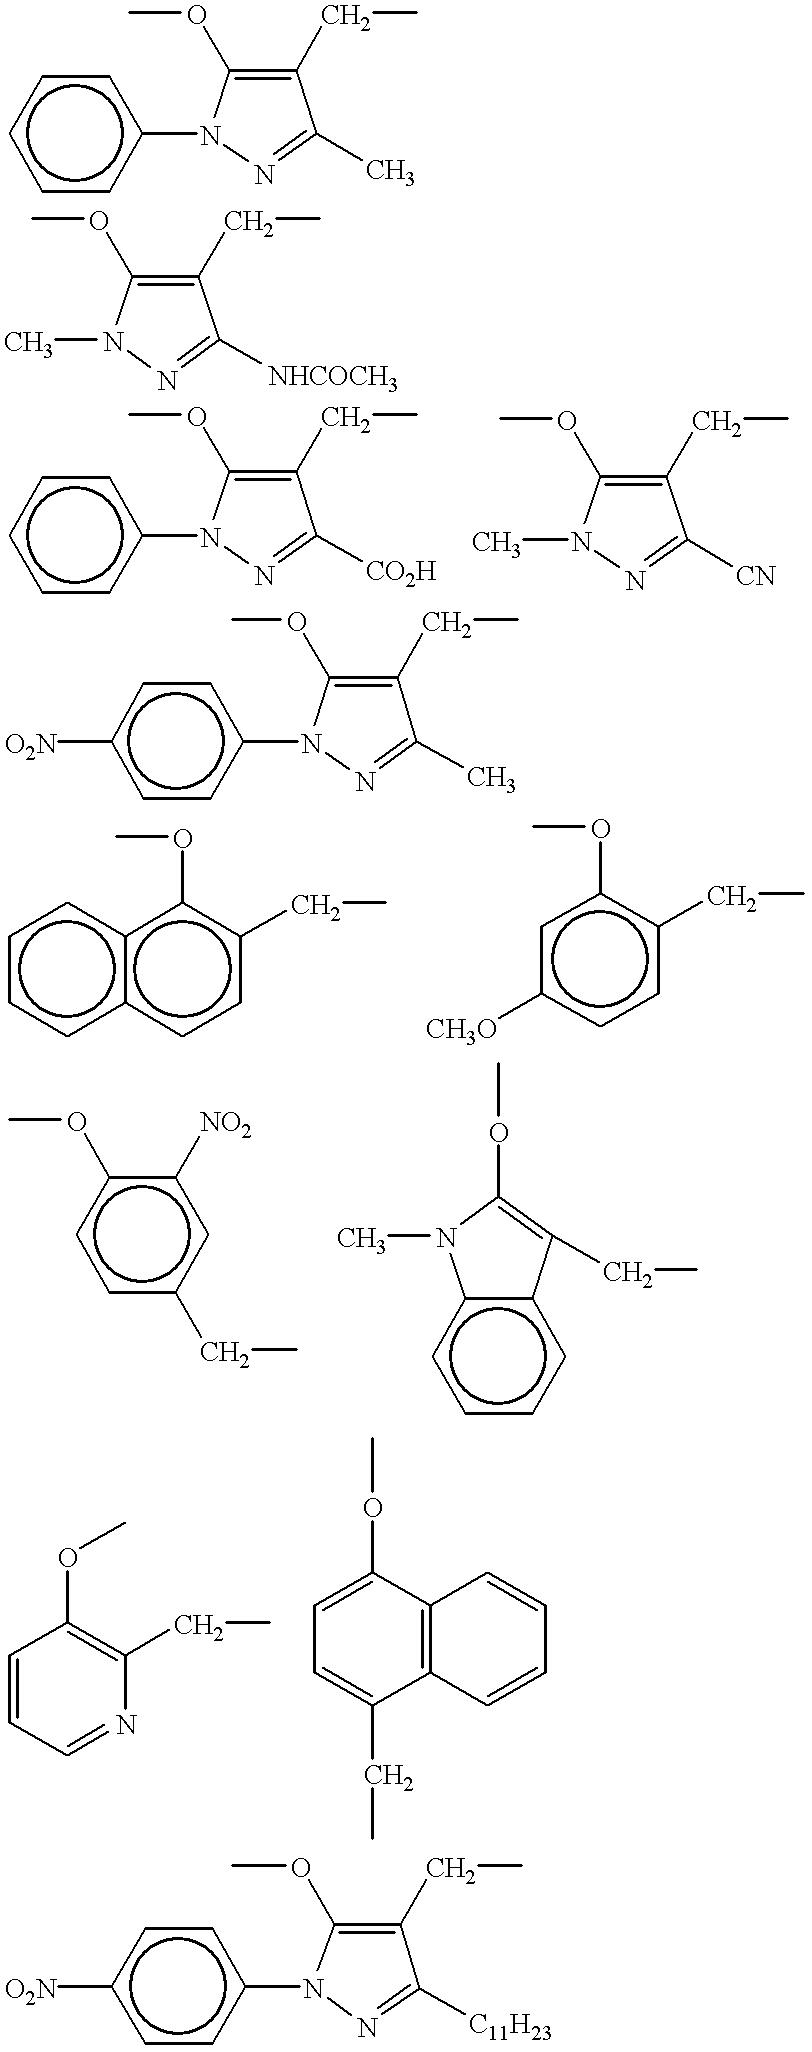 Figure US06570034-20030527-C00019